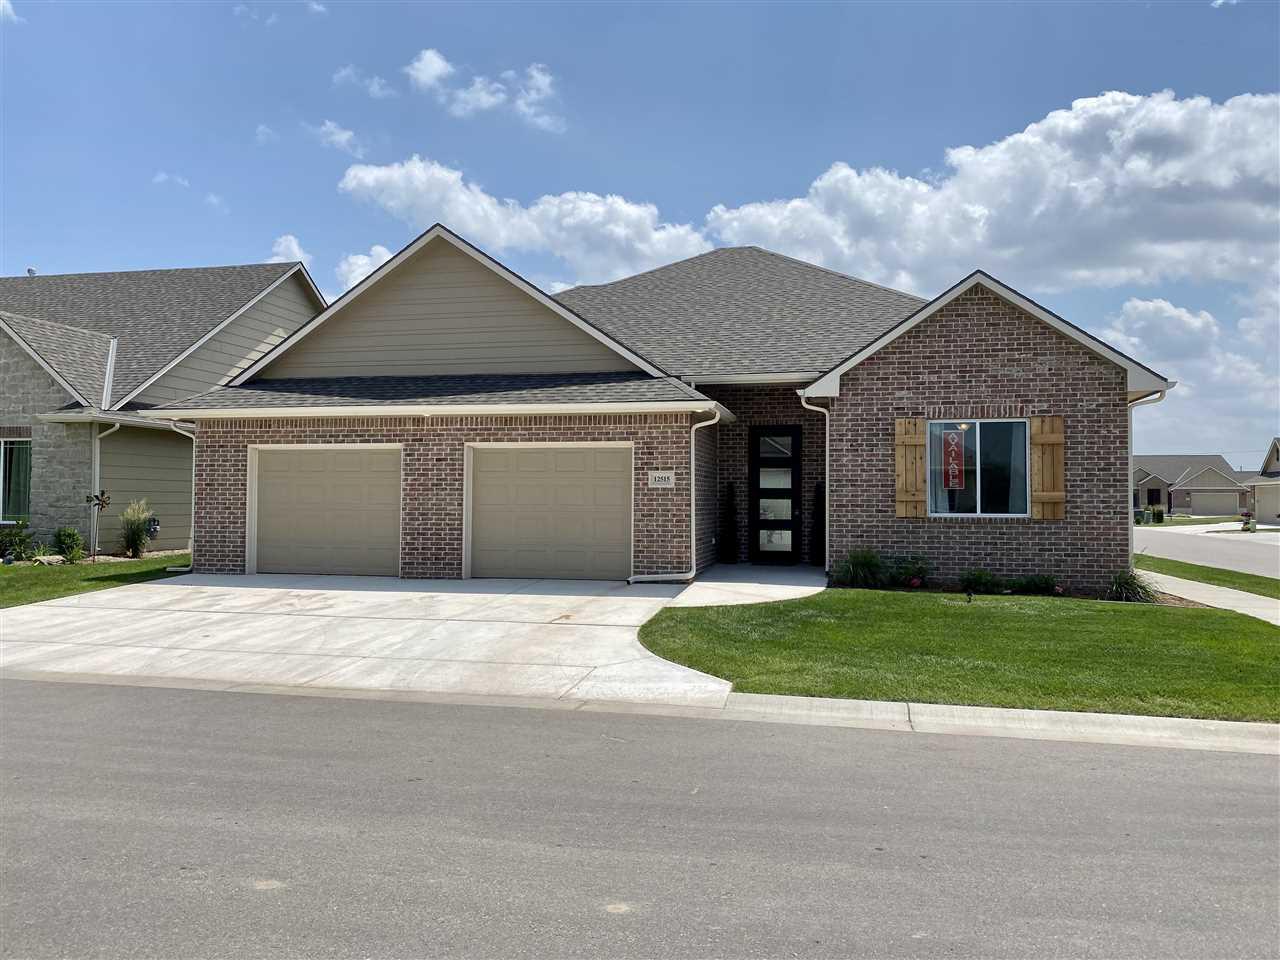 12515 W Cindy St, Wichita, KS, 67235